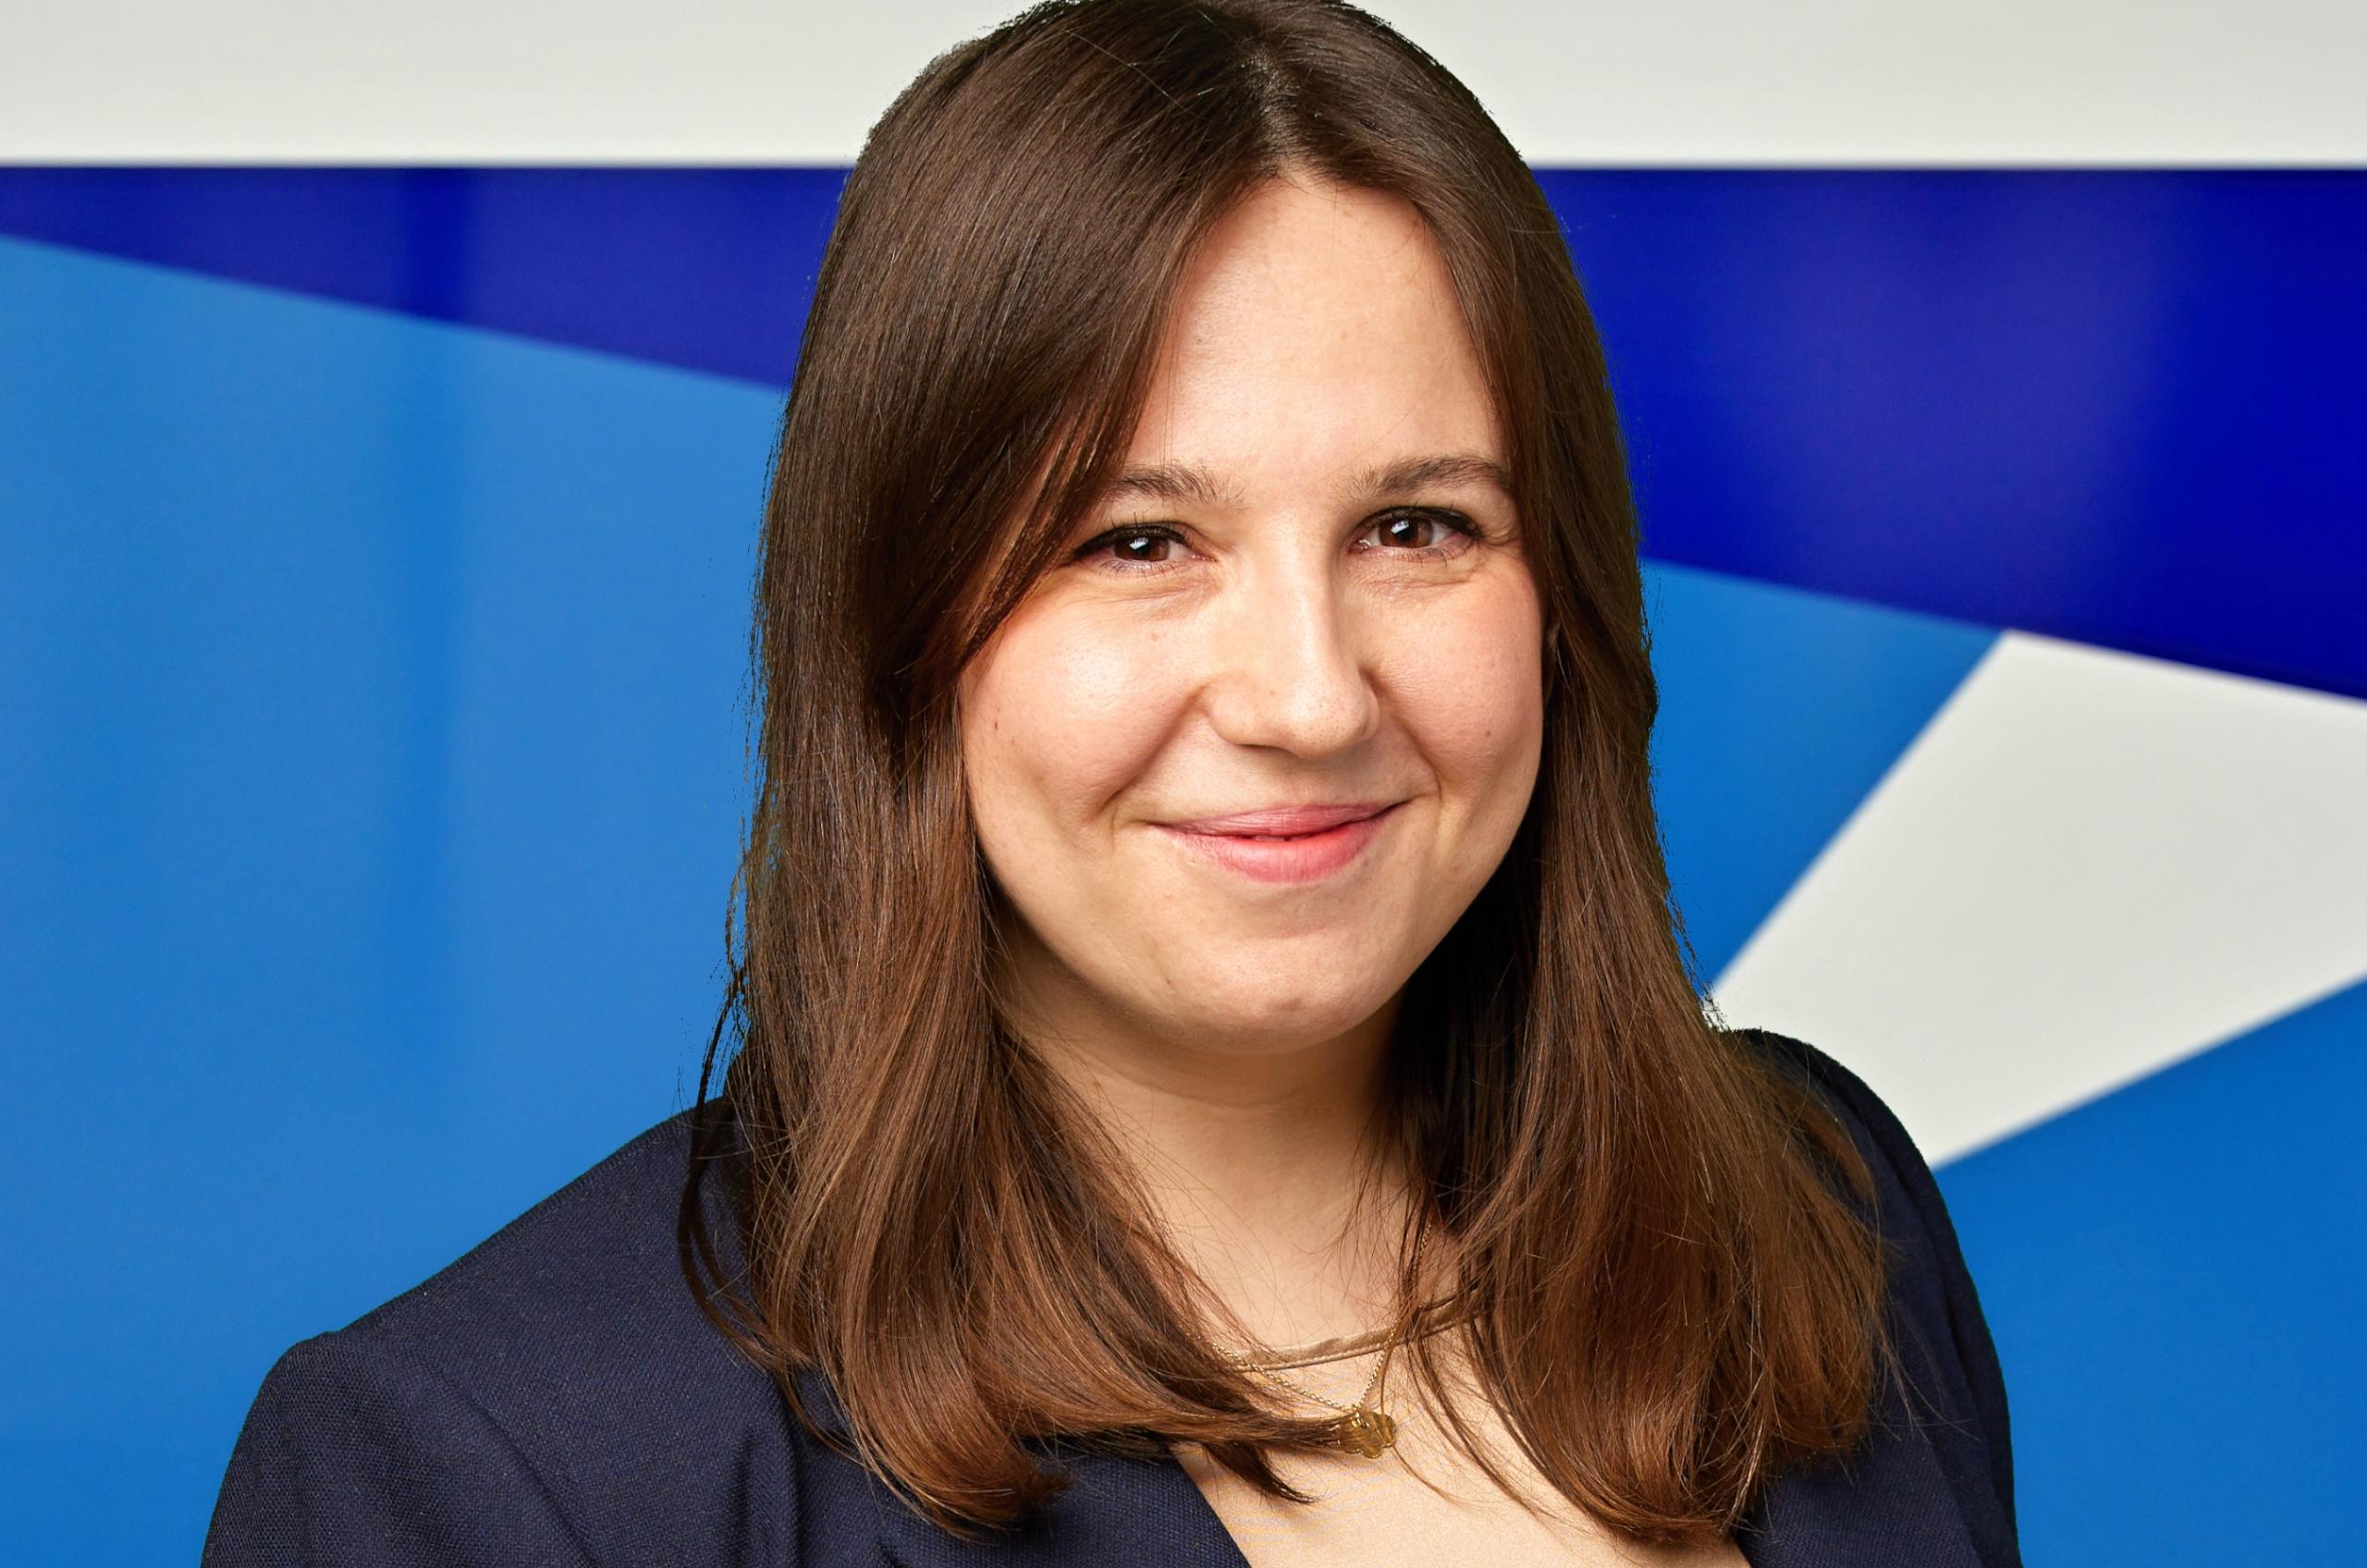 Myriam Klein